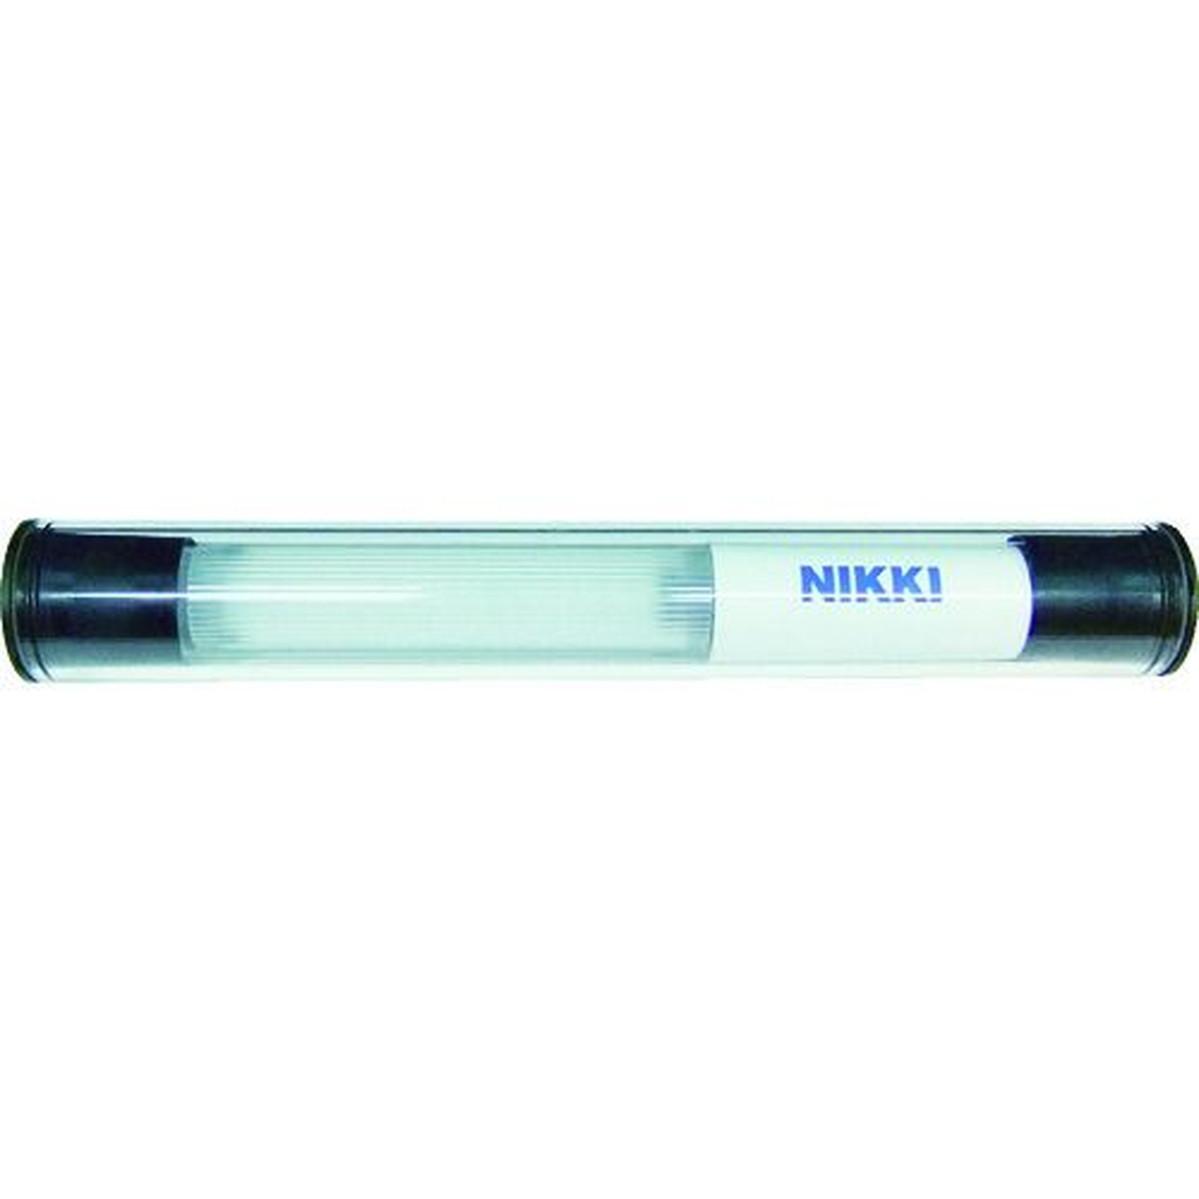 あす楽対応 2020 DIY用品 日機 防水型LED照明灯 10W 新色 1個 DC24V